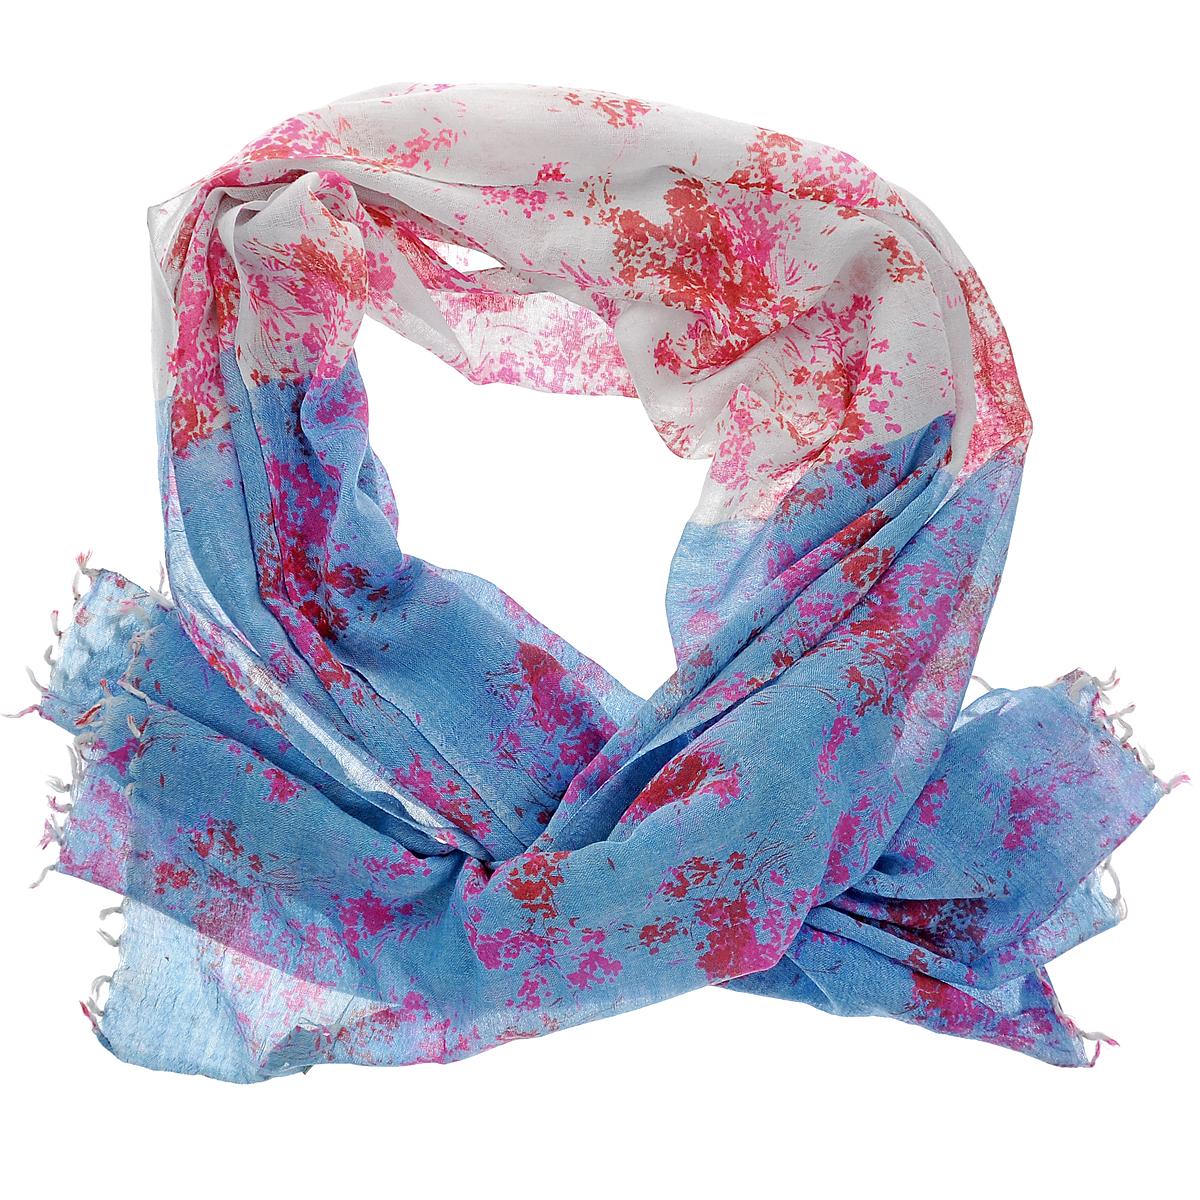 Палантин Michel Katana, цвет: голубой, розовый. ZW-LAVEFLOW/BLUE. Размер 100 см x 200 смZW-LAVEFLOW/BLUEСтильный палантин Michel Katana согреет в холодное время года, а также станет изысканным аксессуаром, который призван подчеркнуть вашу индивидуальность и стиль. Палантин выполнен из шерсти и декорирован принтом. По краям изделие оформлено кистями.